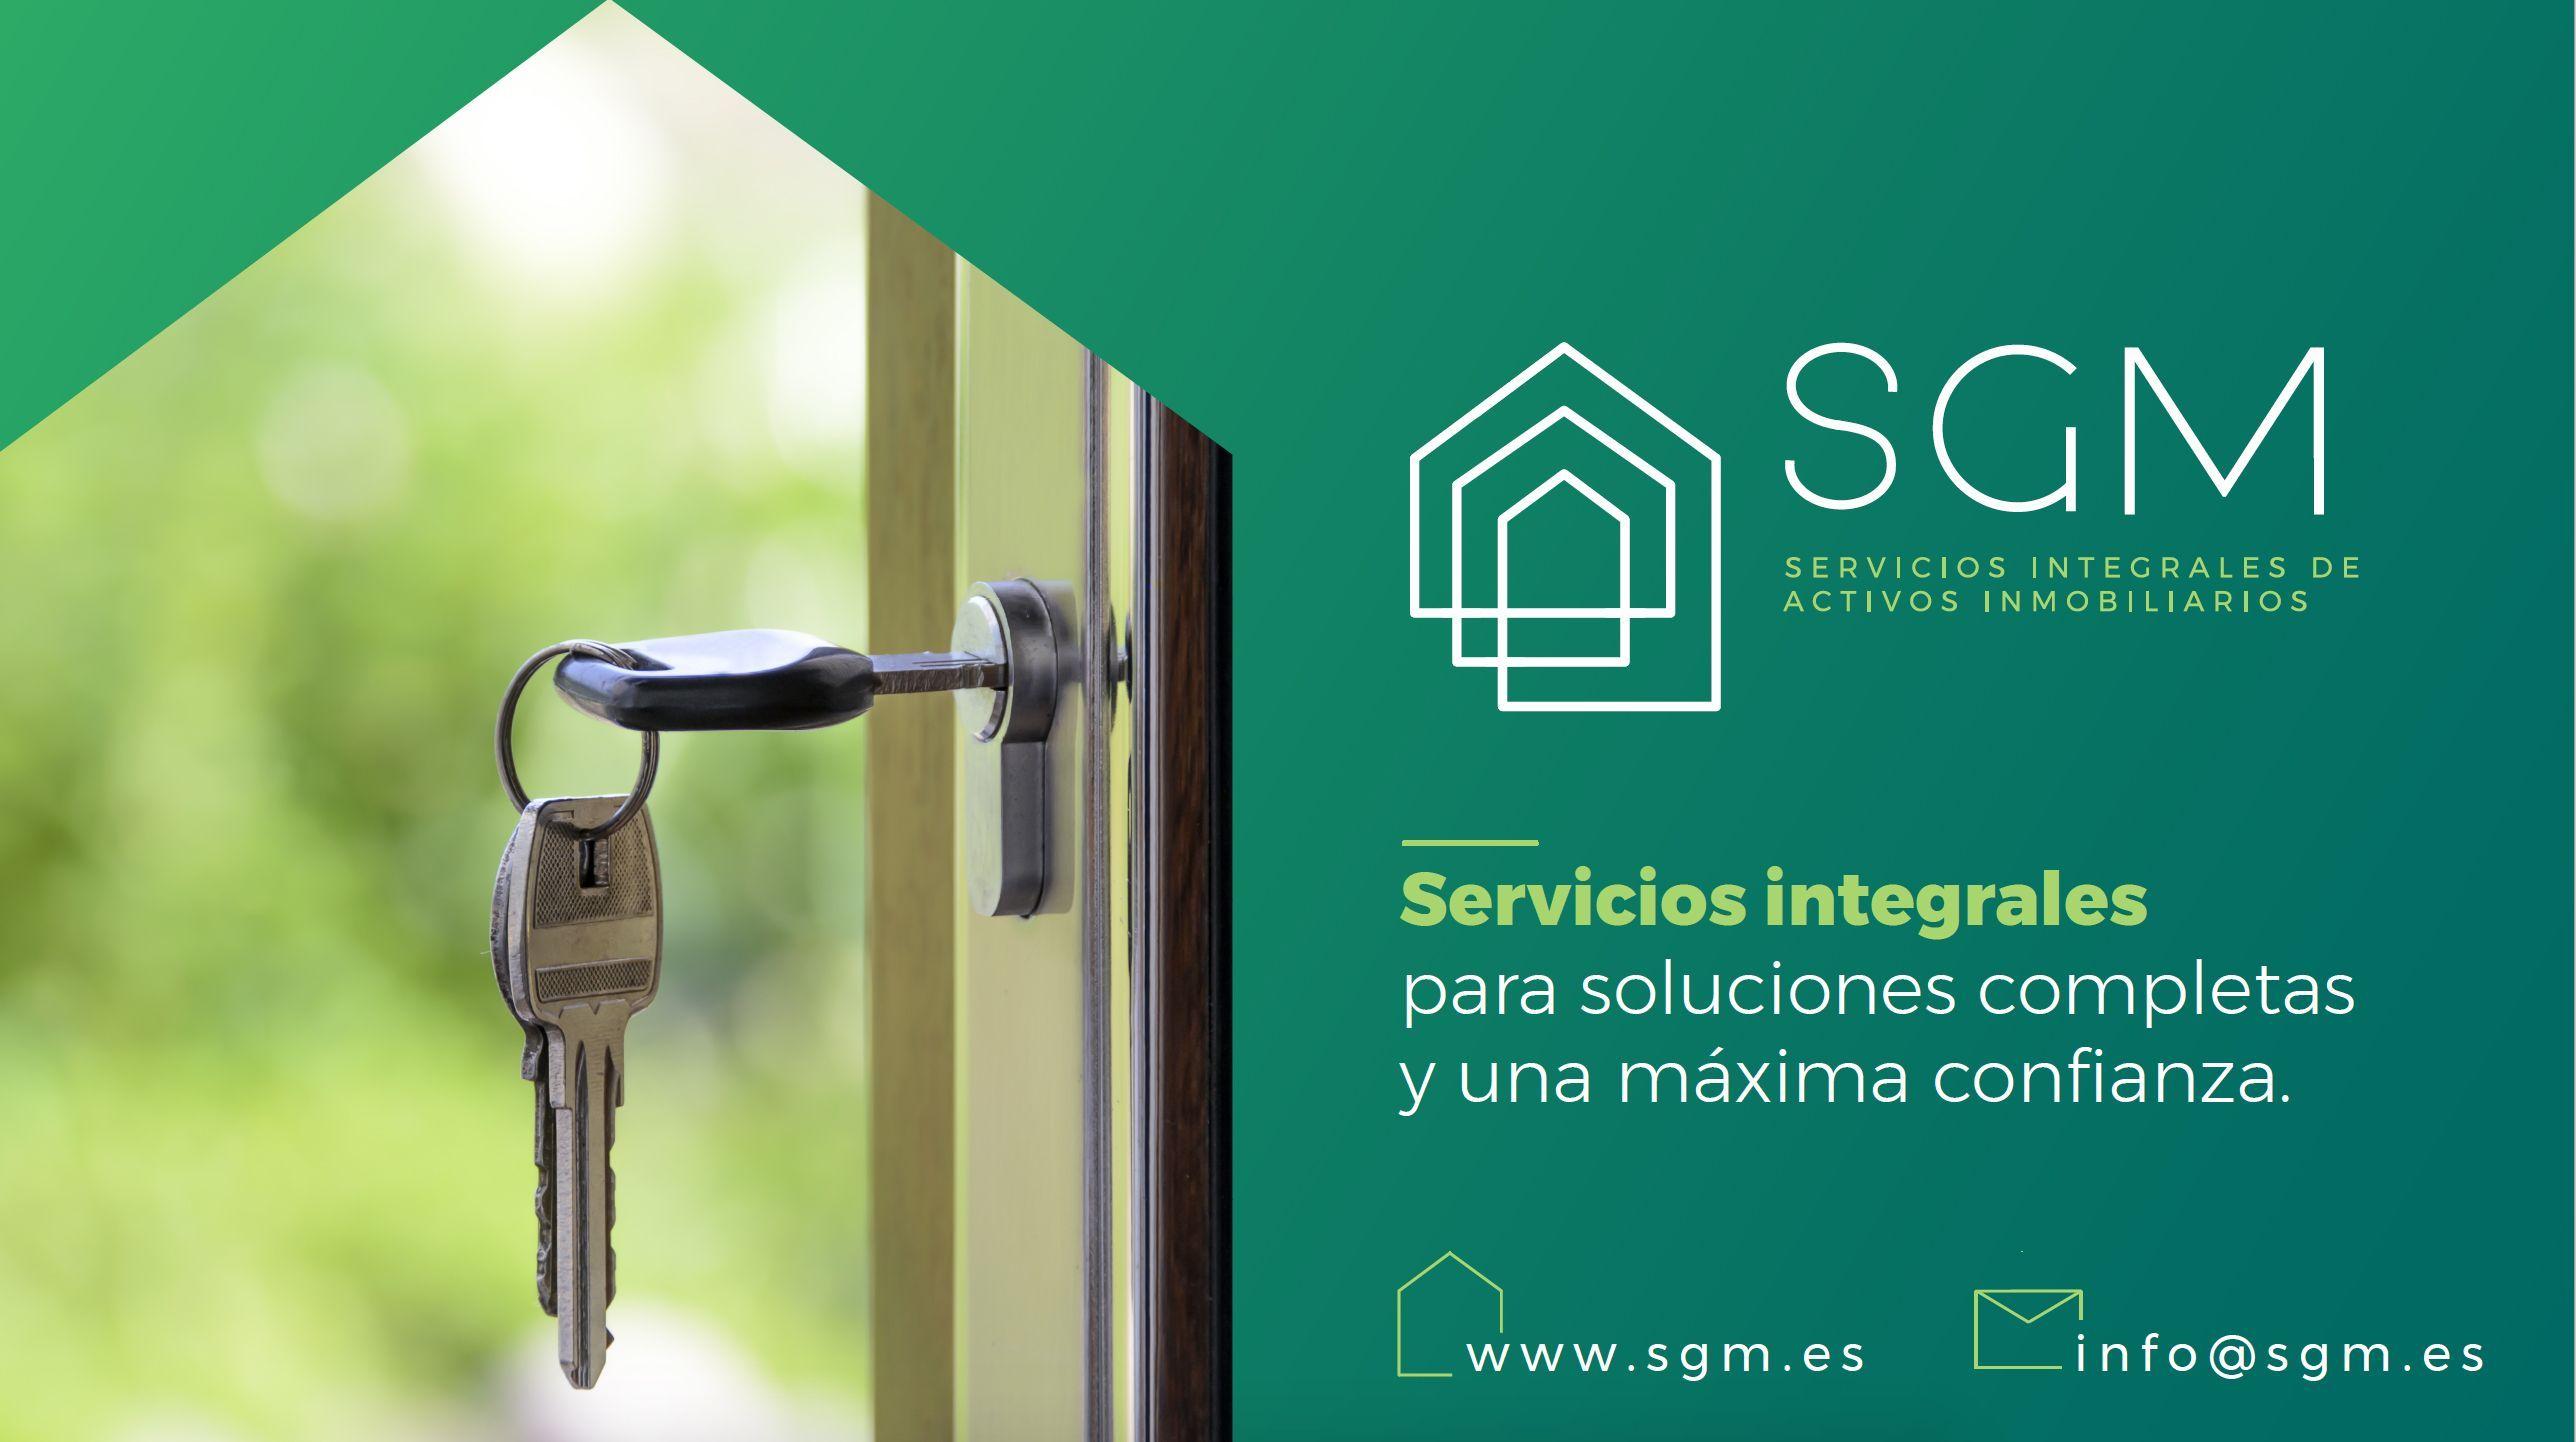 Identidad corporativa SGM